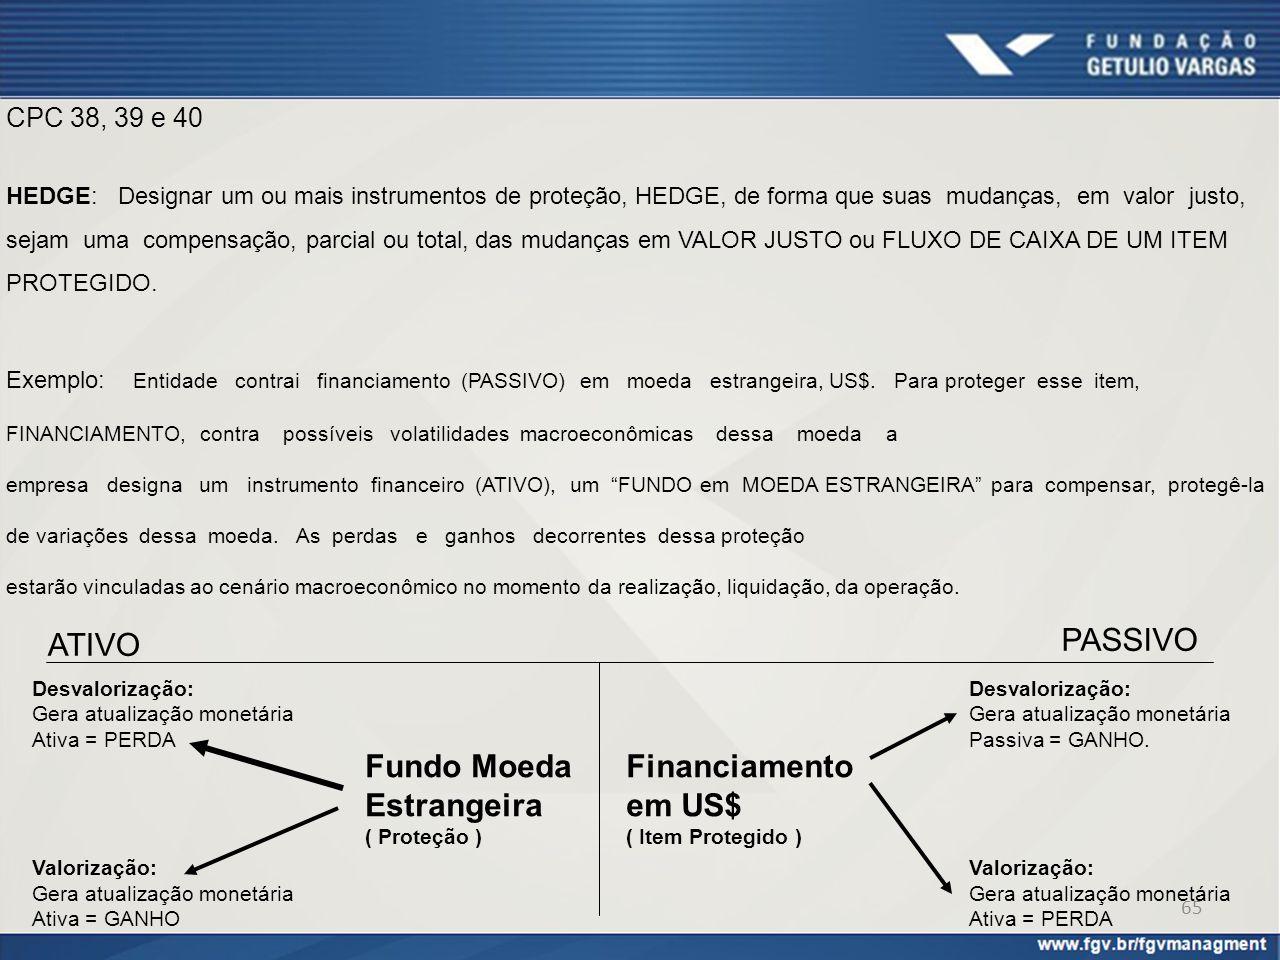 ATIVO PASSIVO Fundo Moeda Estrangeira Financiamento em US$